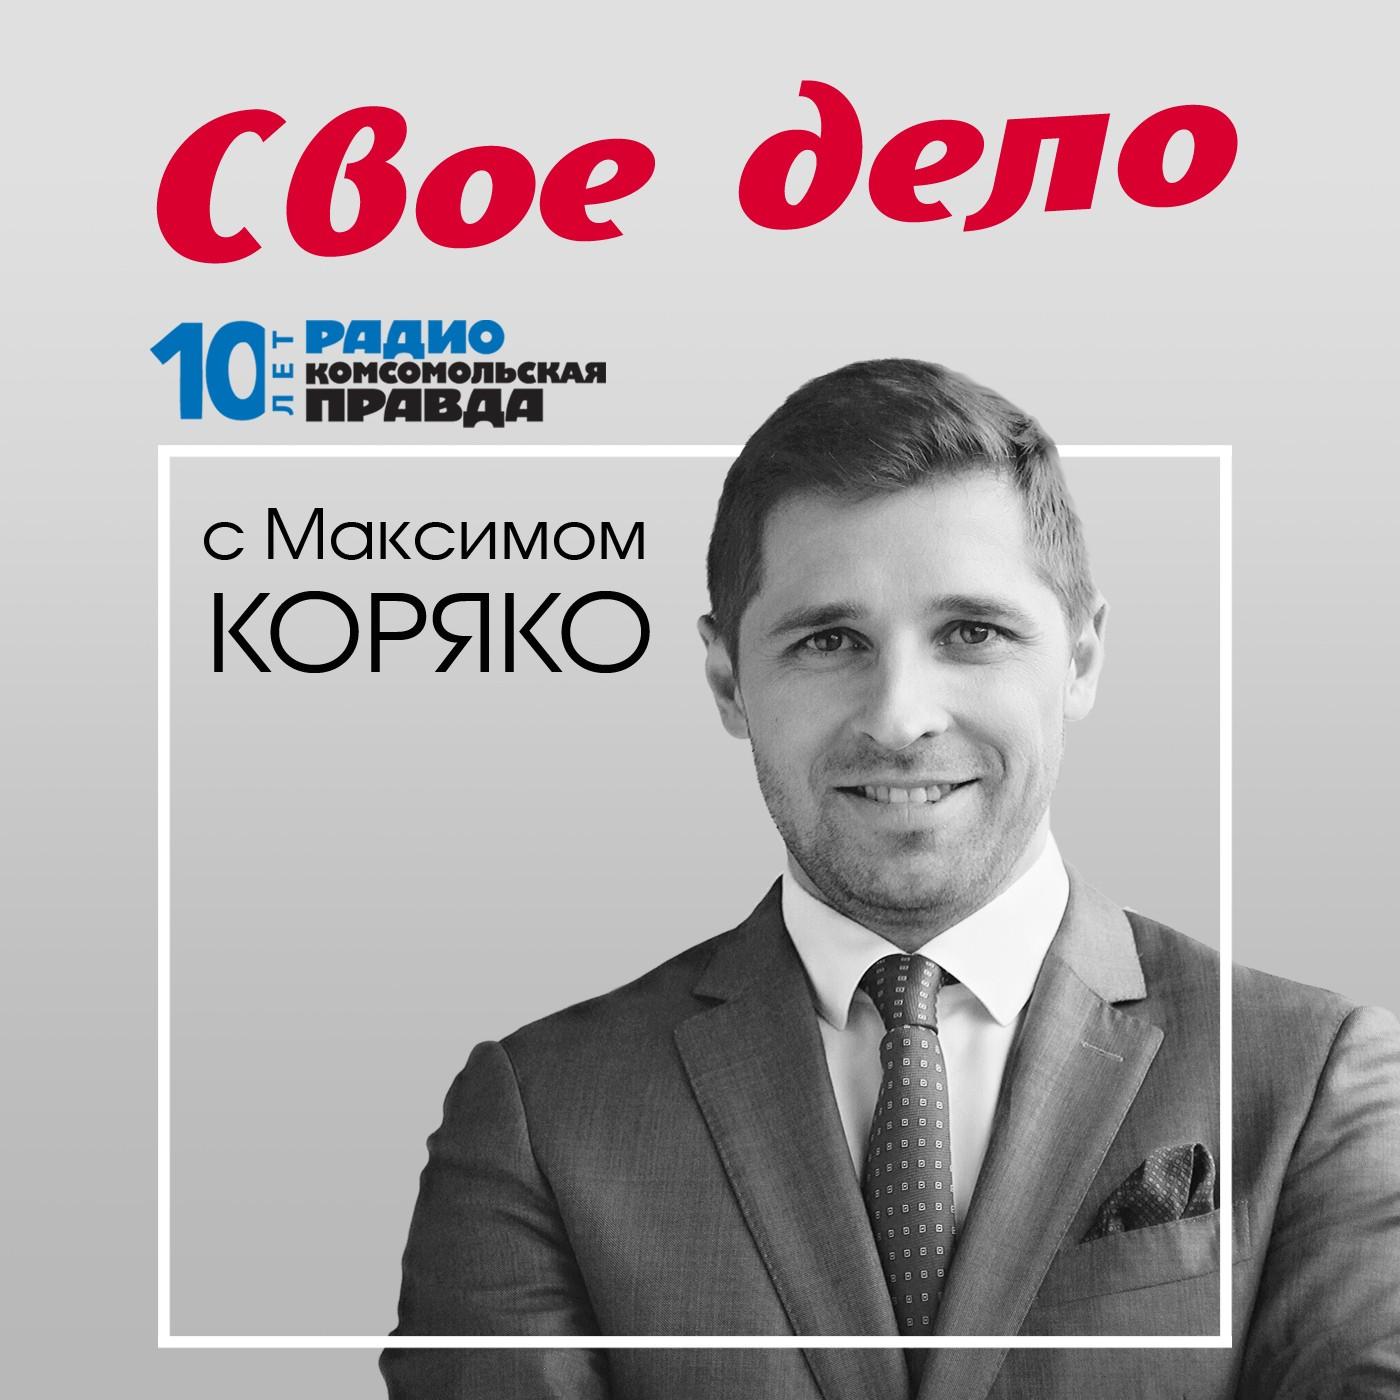 Радио «Комсомольская правда» Сезонные товары: о чем предпринимателю стоит подумать зимой, чтобы хорошо заработать весной